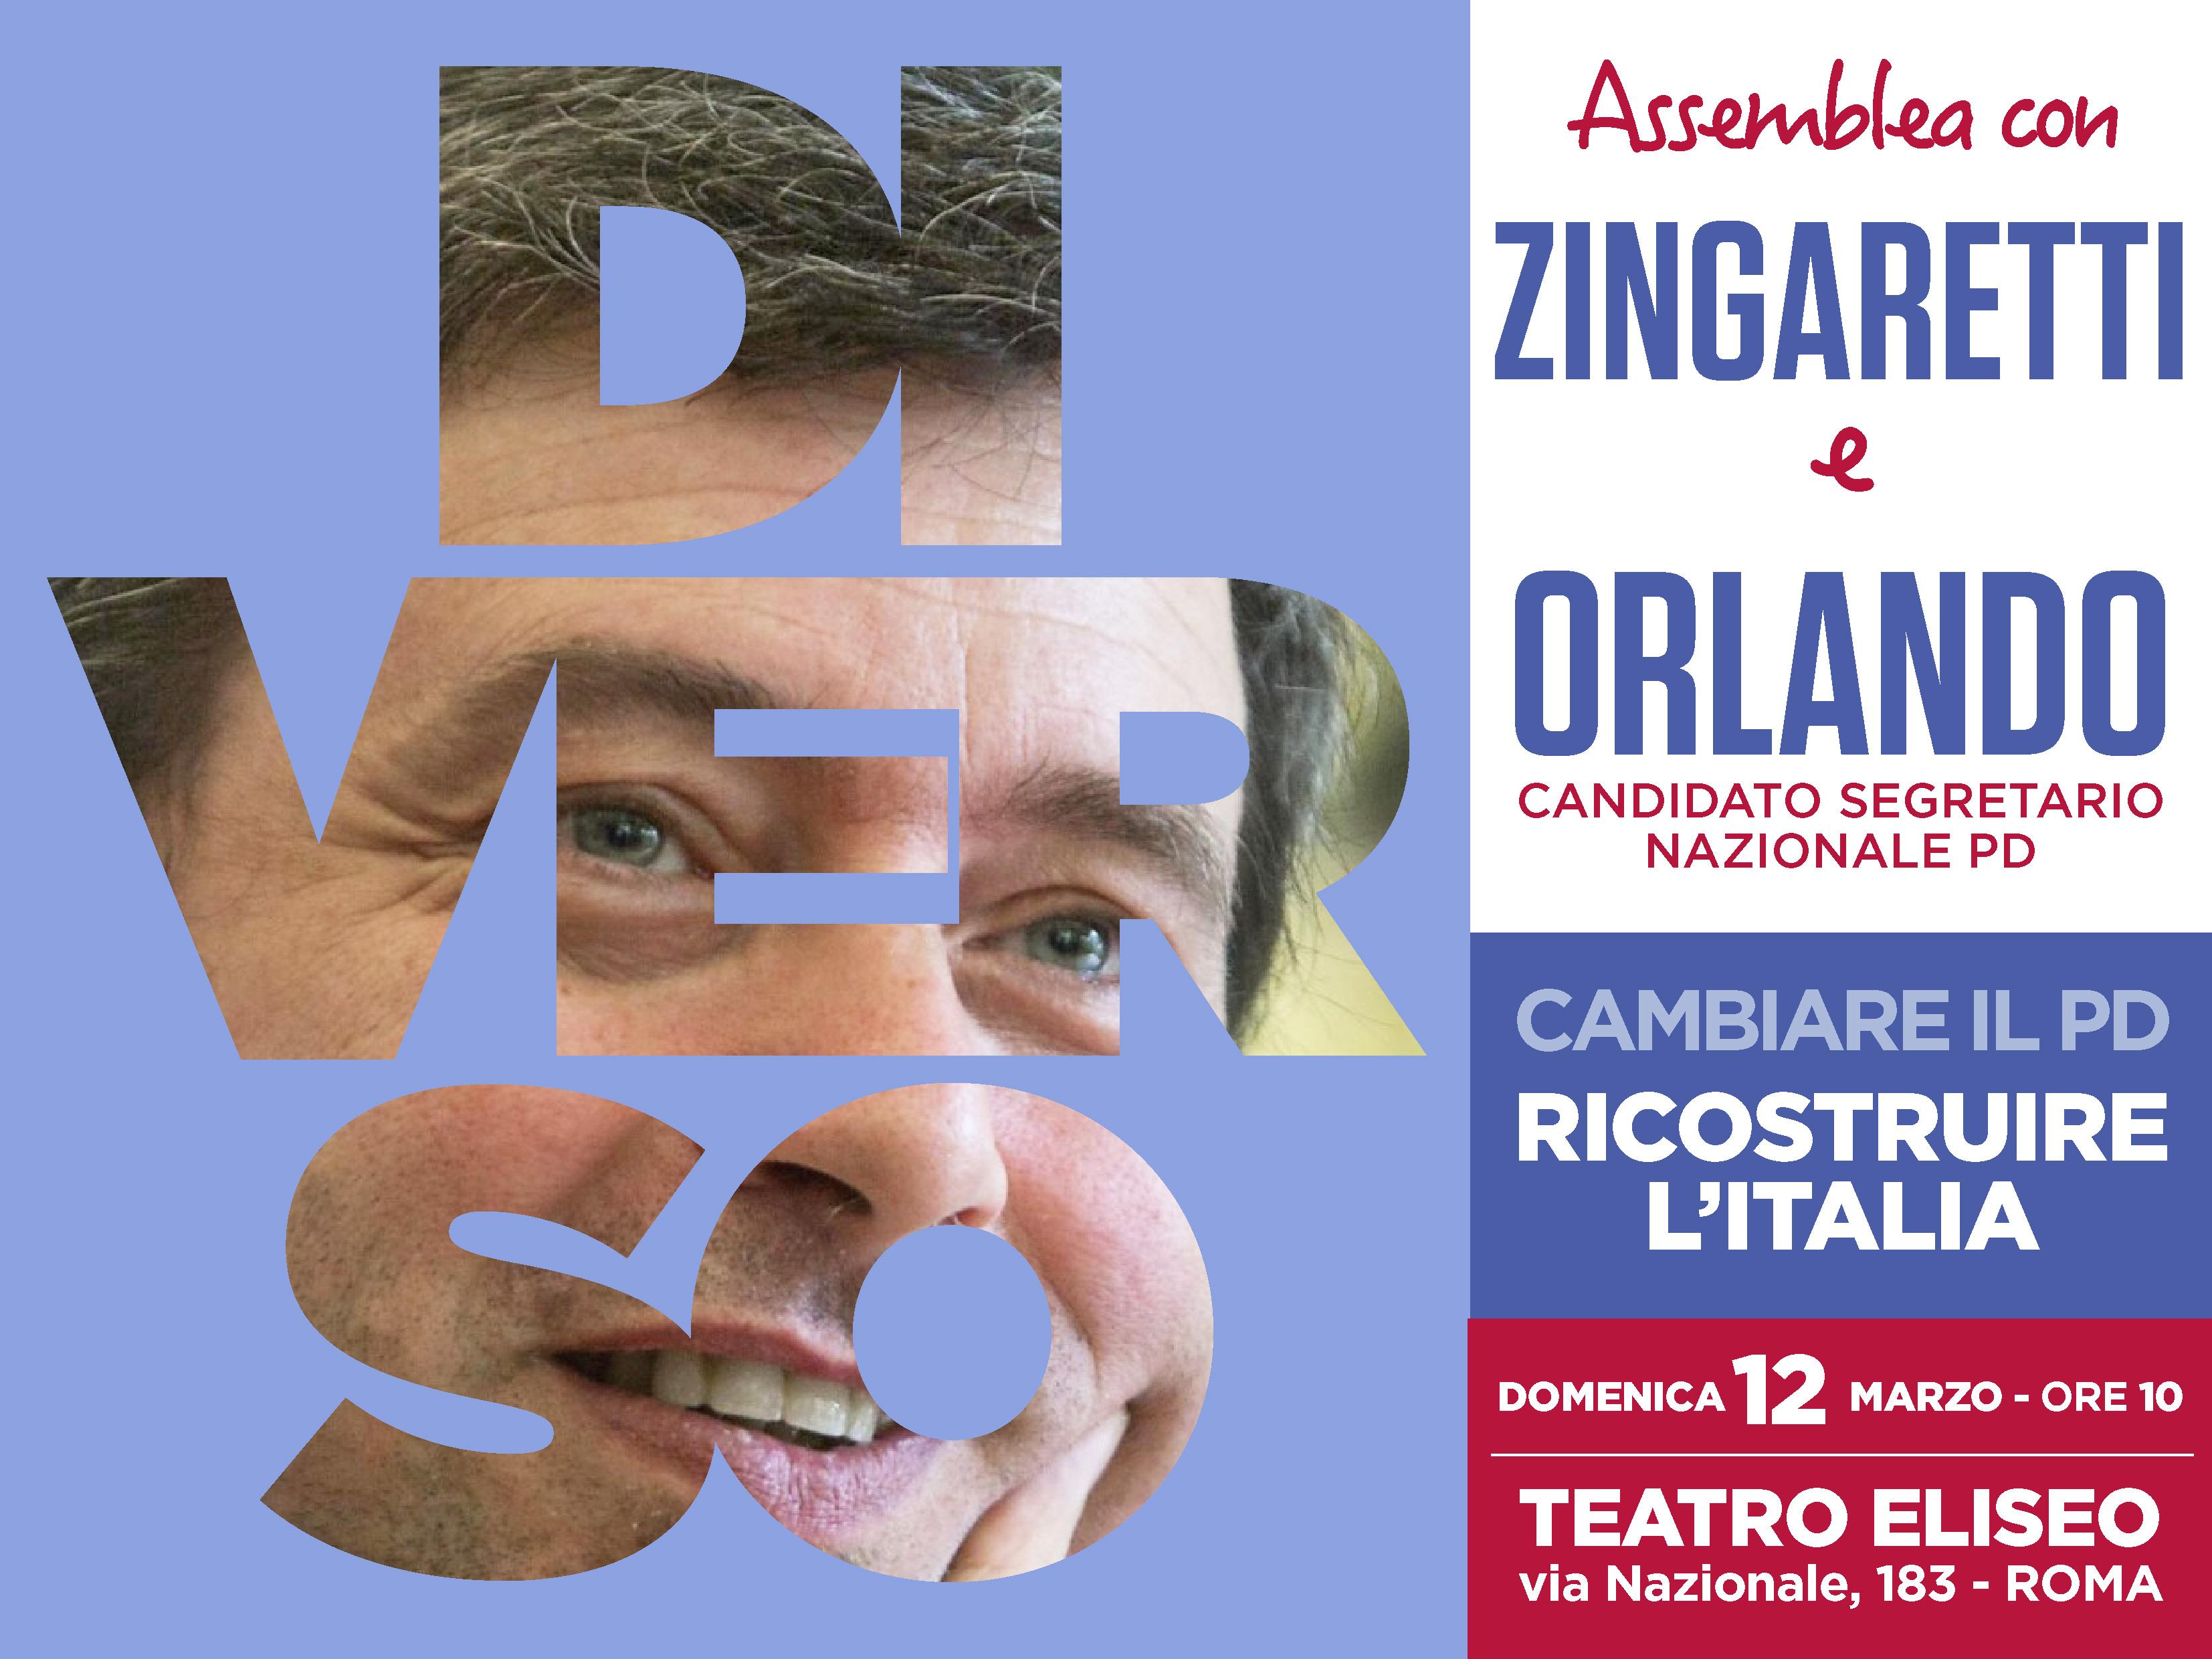 Orlando_Zingaretti_12.3.17_Teatro Eliseo